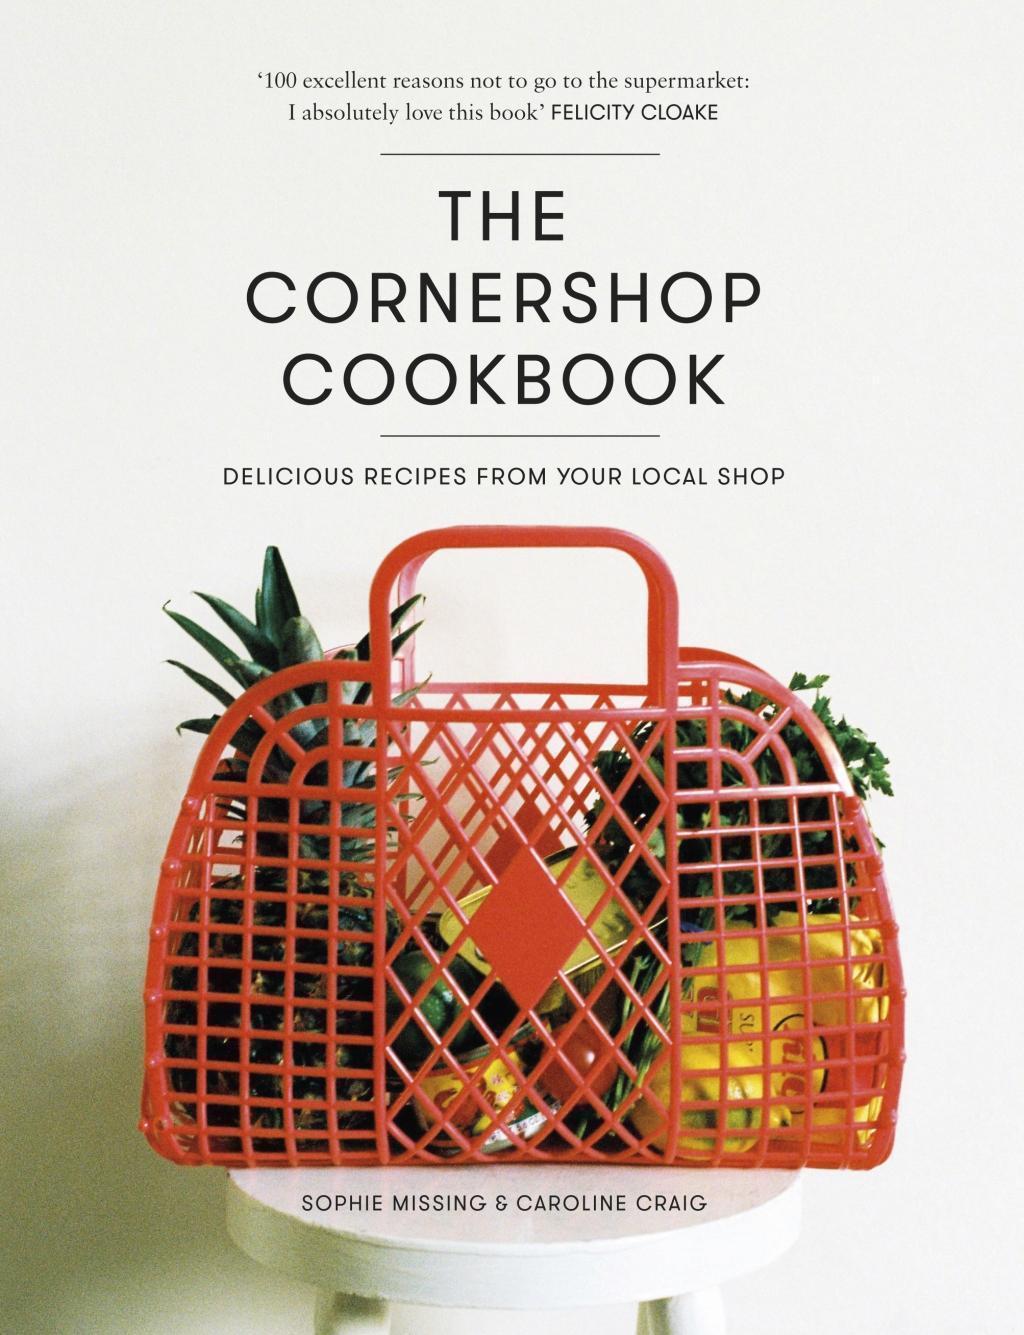 The Cornershop Cookbook